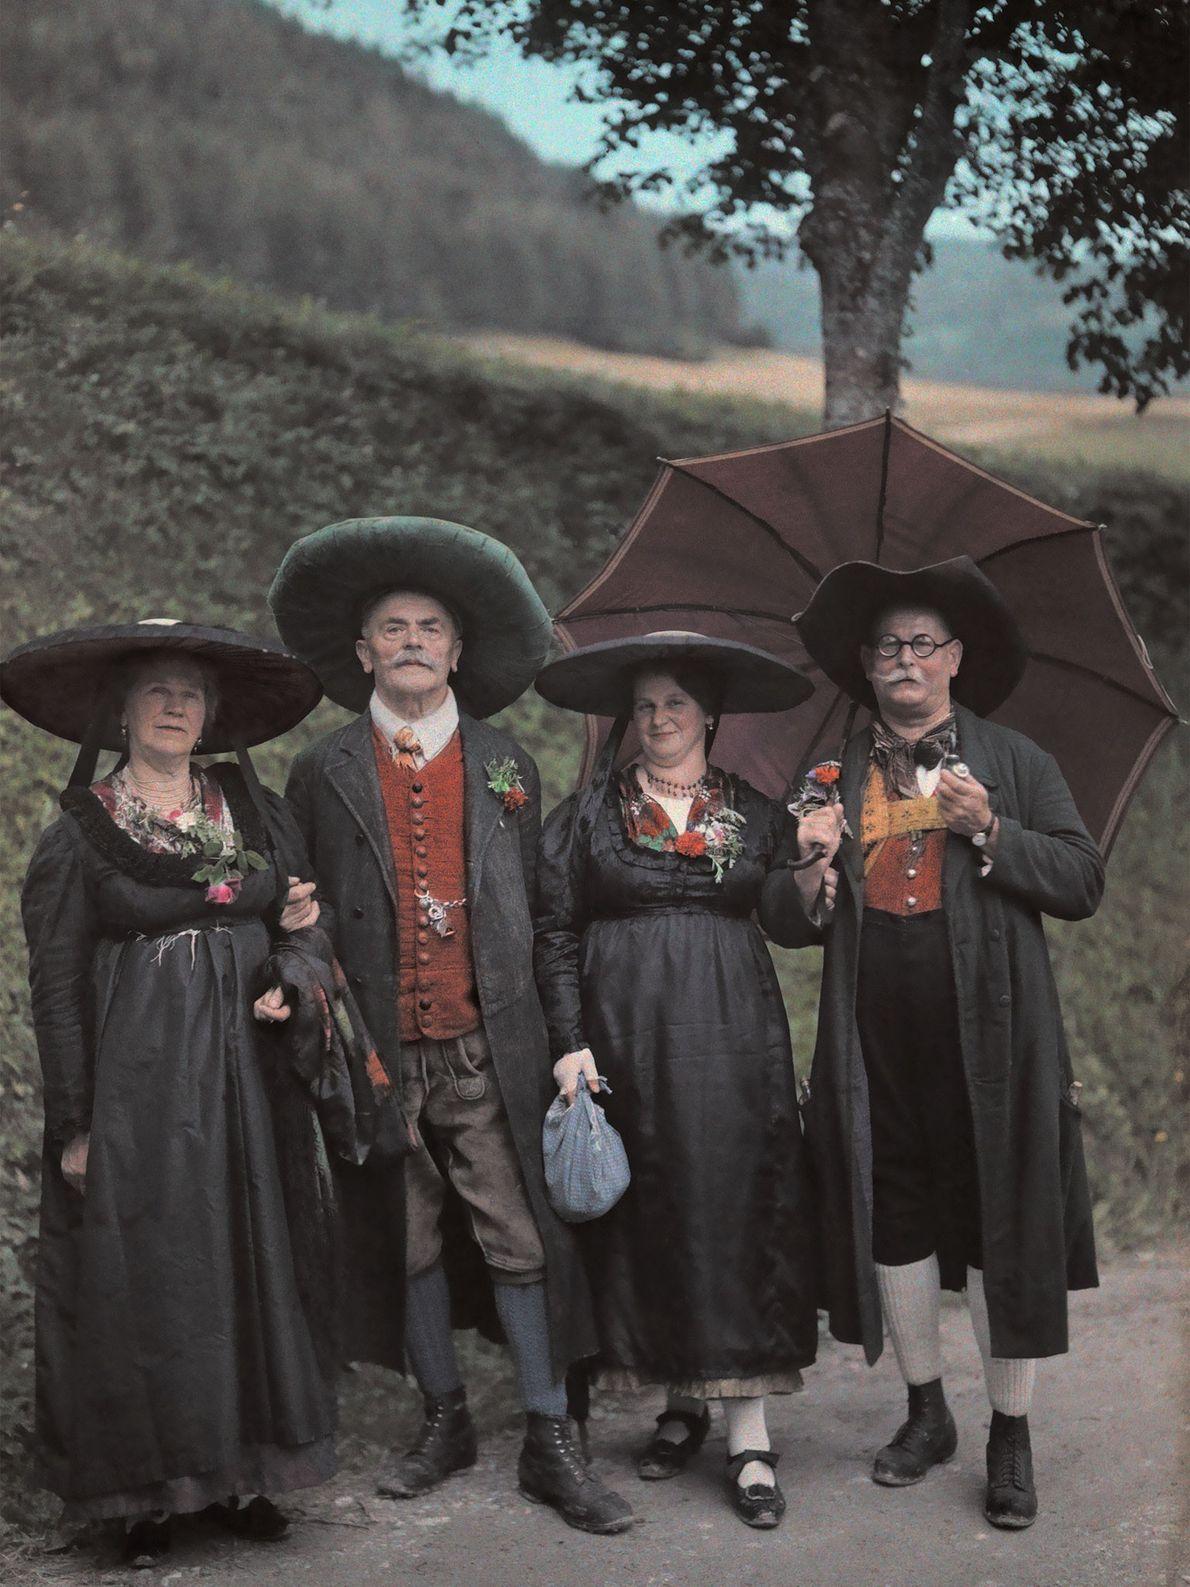 Eine Gruppe Österreicher mit breitkrempigen Hüten läuft in traditioneller Kleidung auf einer Landstraße in der Steiermark.